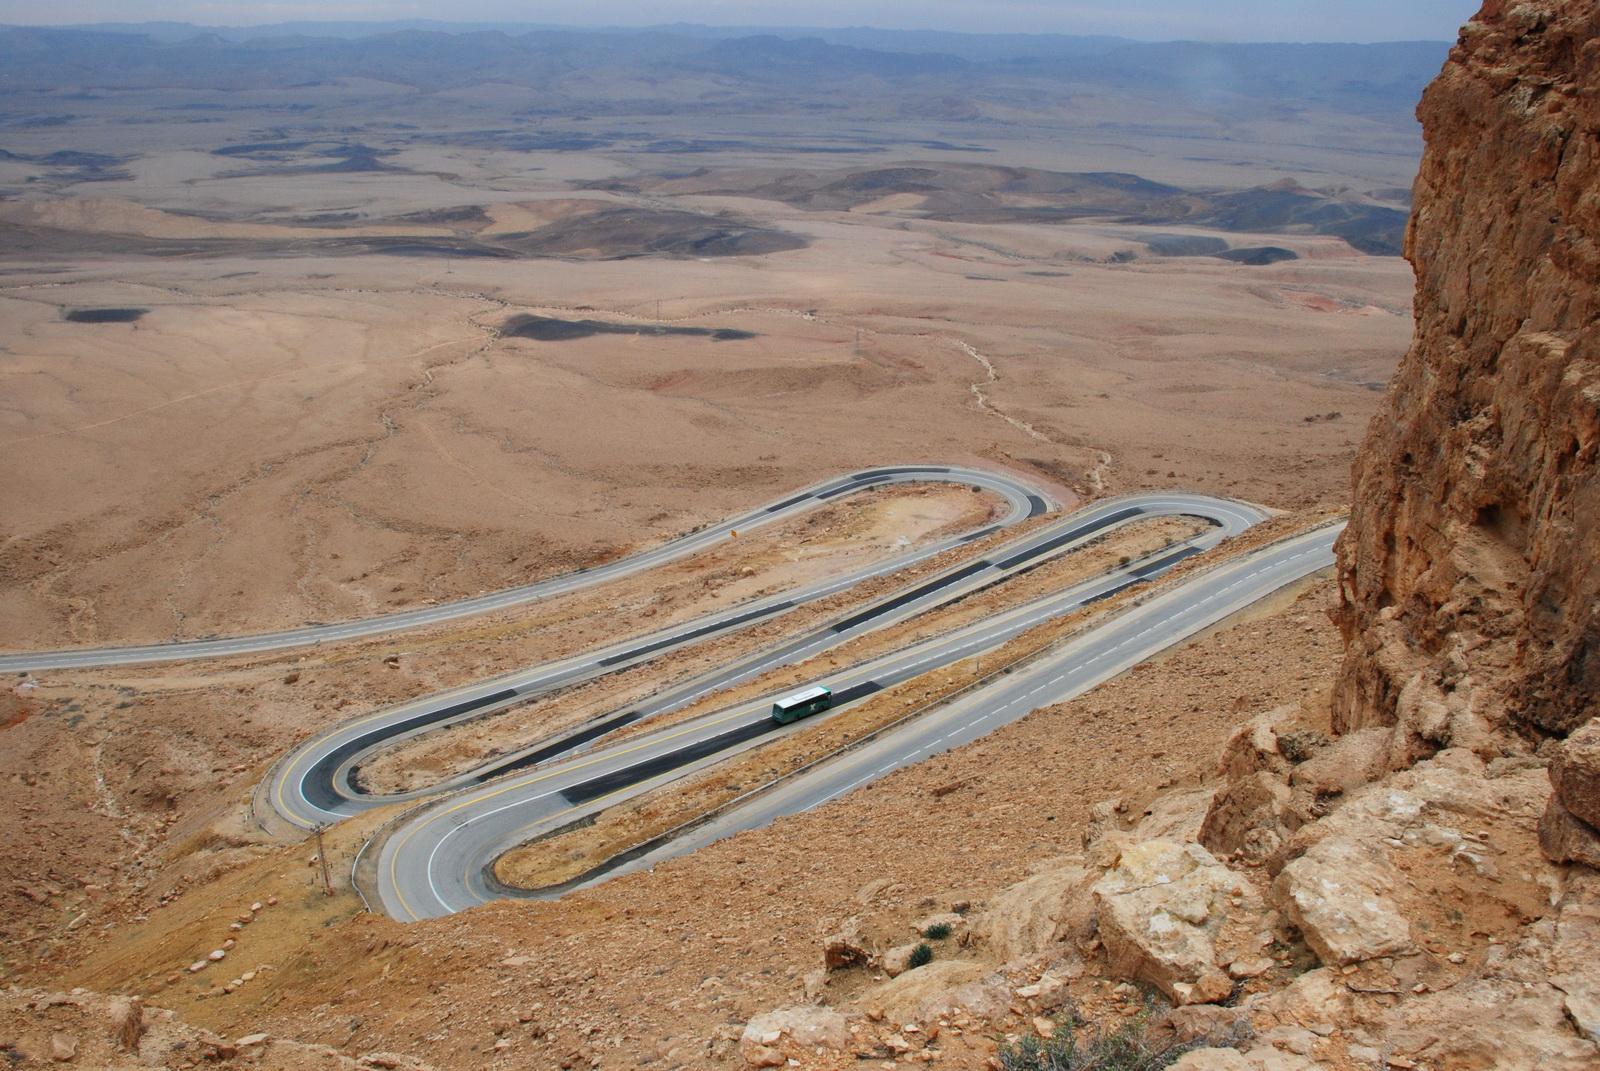 מעלה העצמאות - הכביש היורד למכתש